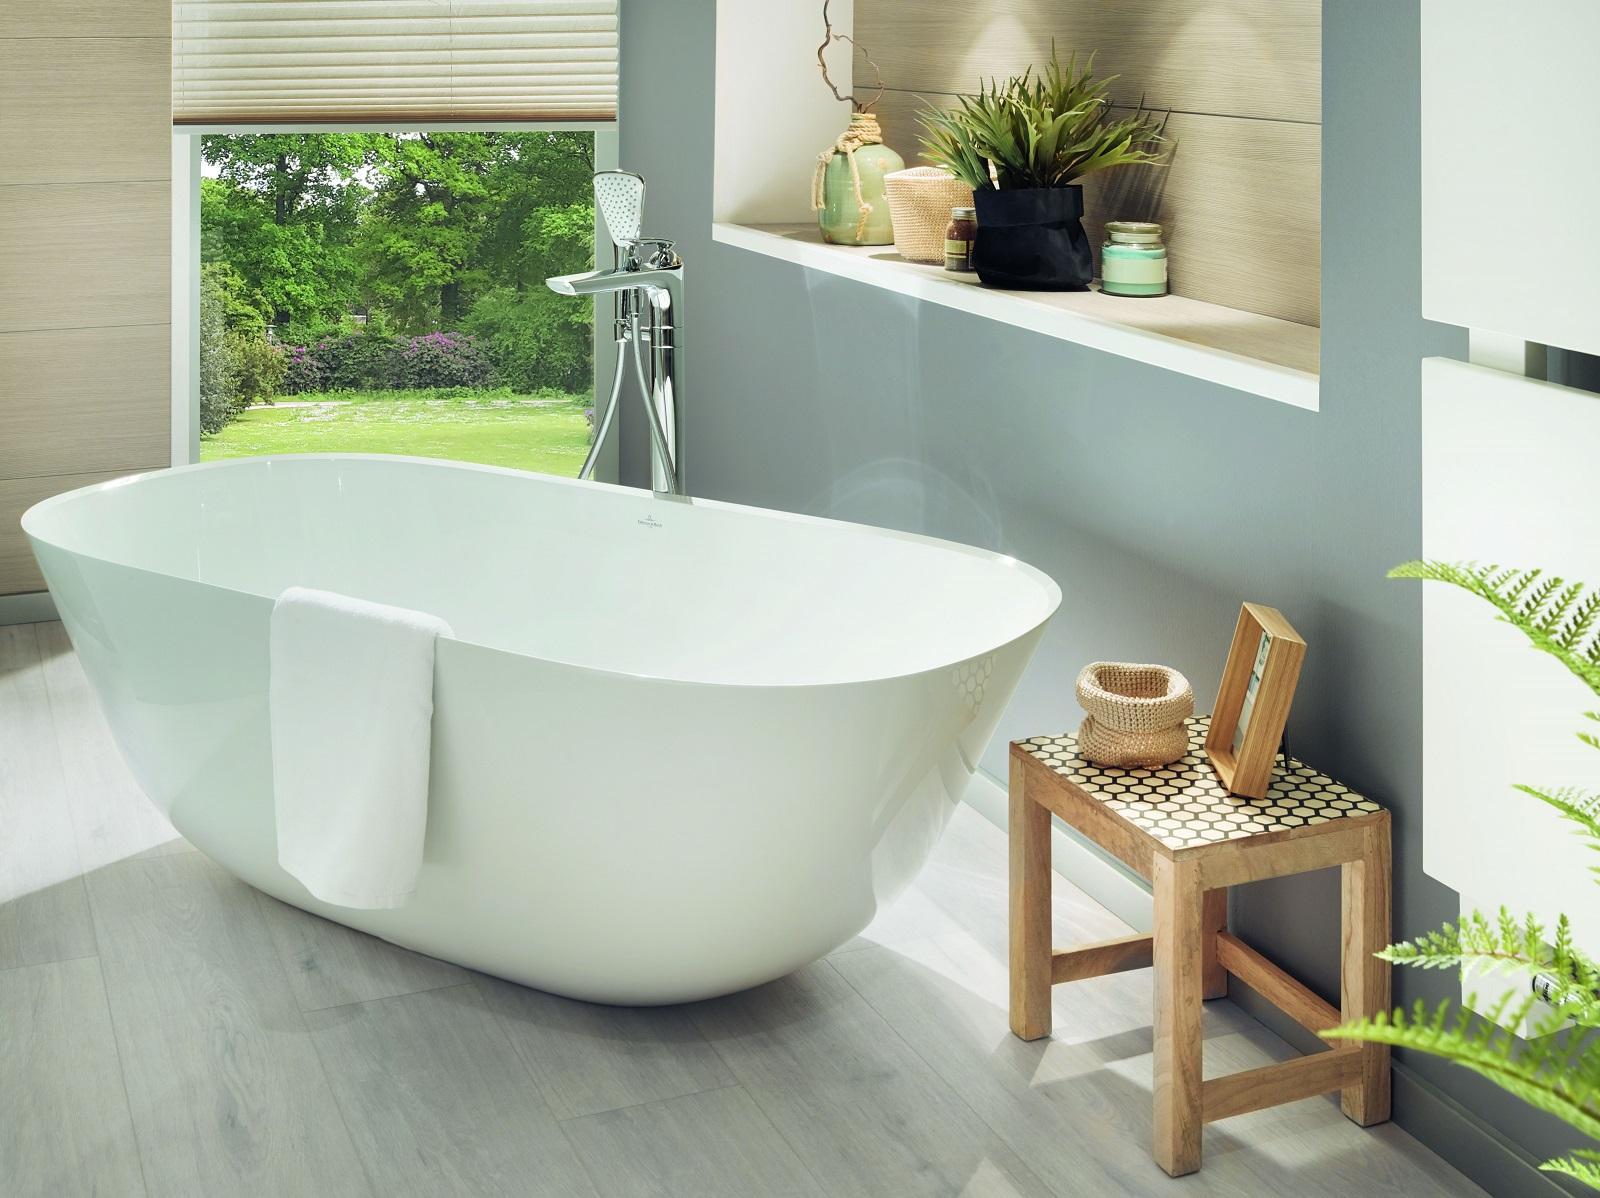 Vasche Da Bagno Villeroy E Boch Prezzi : Vasche piccole per spazi ristretti. lunghe meno di 170 cm cose di casa